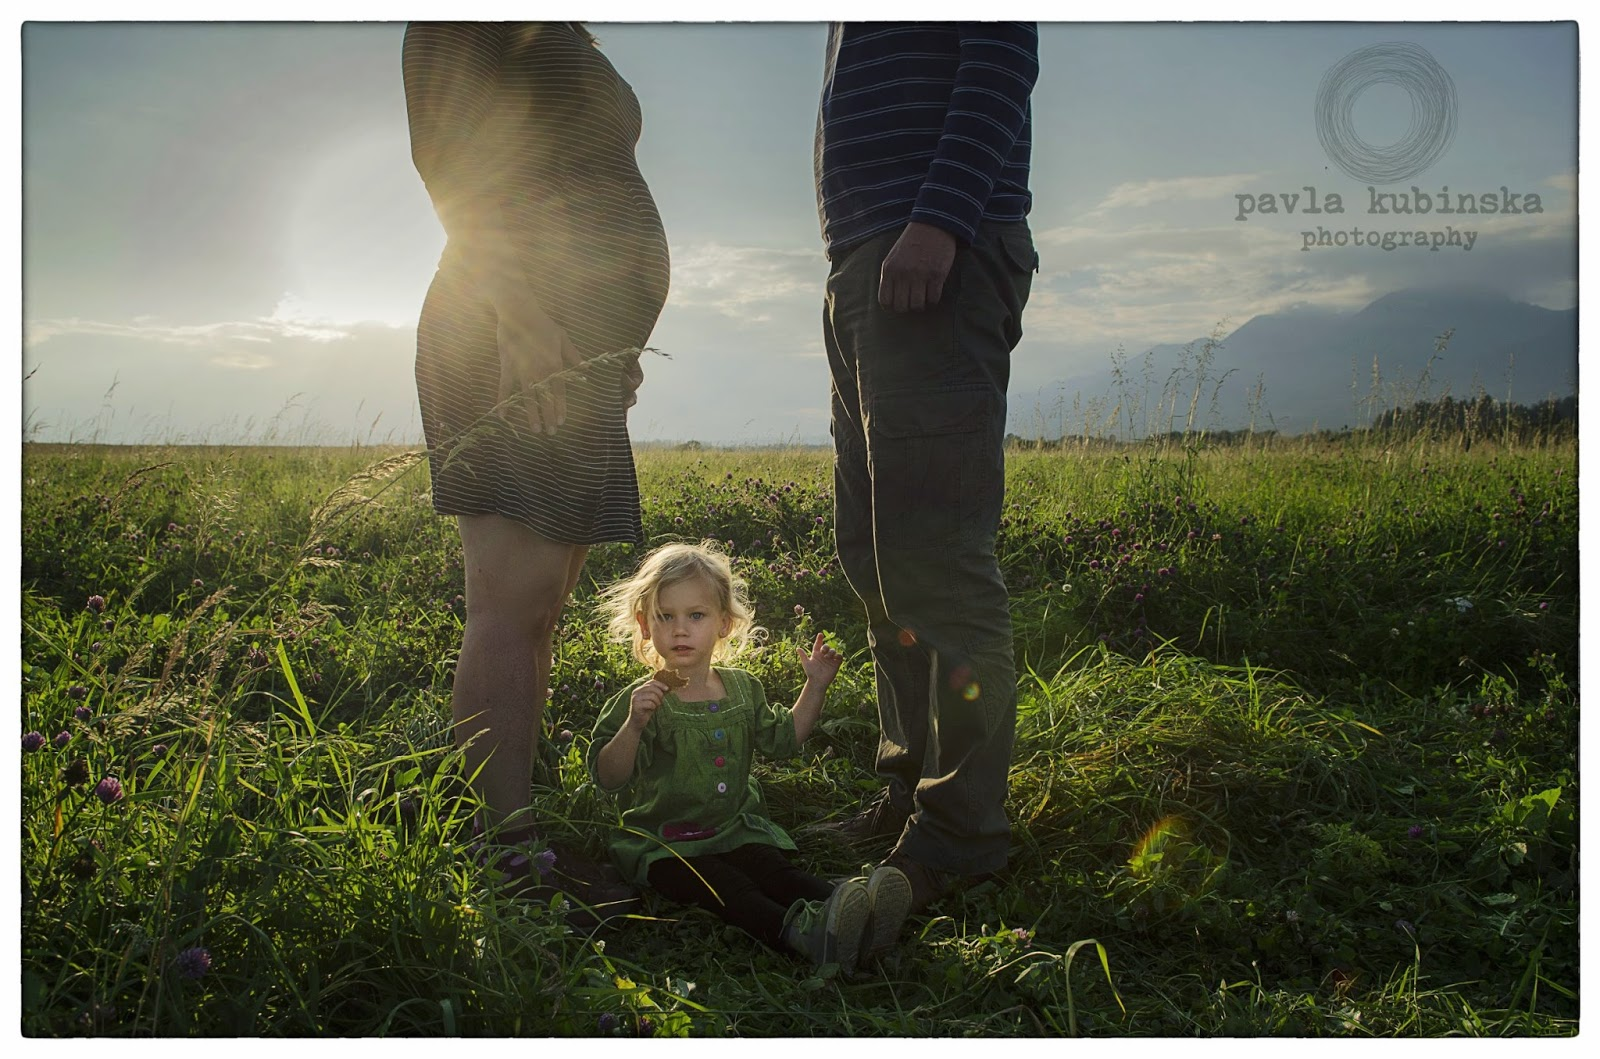 http://pavlakubinska.blogspot.sk/2014/10/eliska-lenka-tomas.html